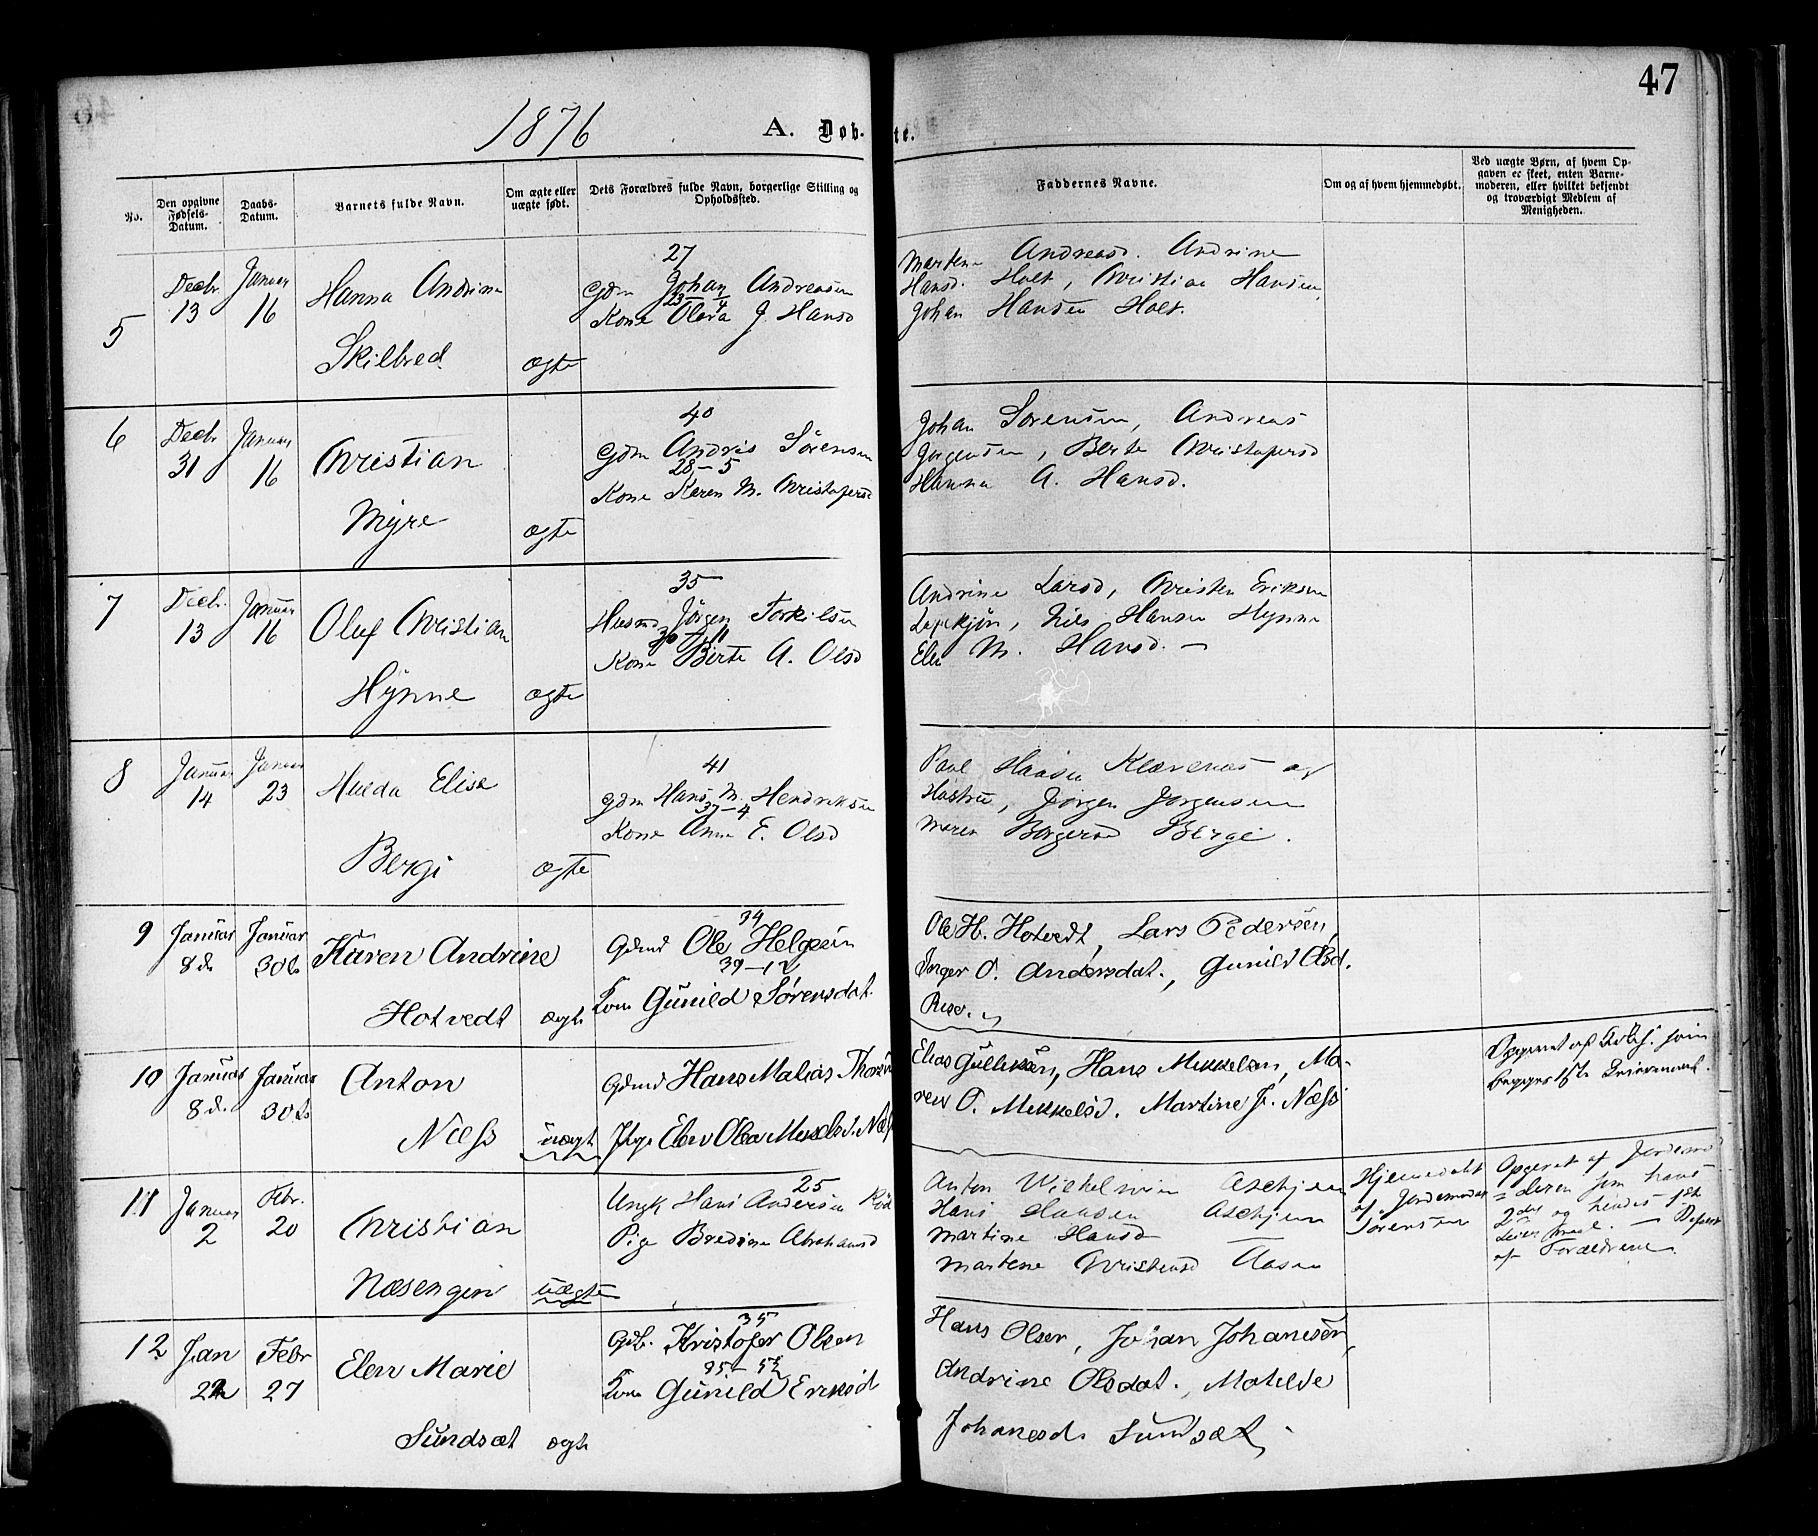 SAKO, Andebu kirkebøker, F/Fa/L0006: Ministerialbok nr. 6, 1871-1878, s. 47